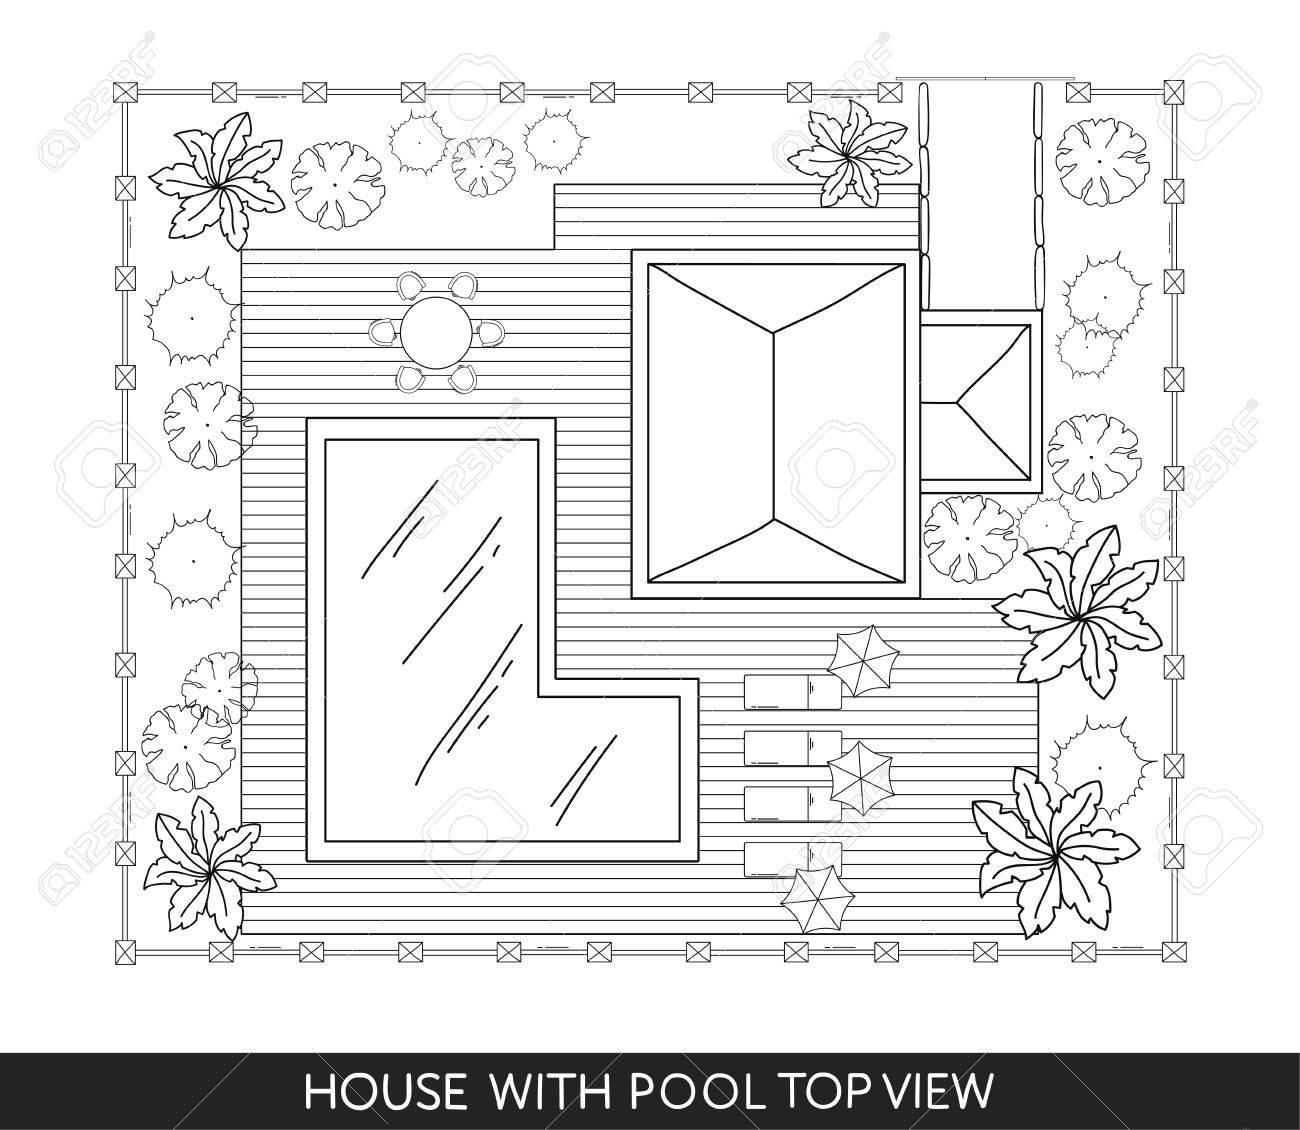 Landschaftsplan Des Hauses Mit Schwimmbad, Möbel Und Bäumen In Draufsicht  Standard Bild   71633602